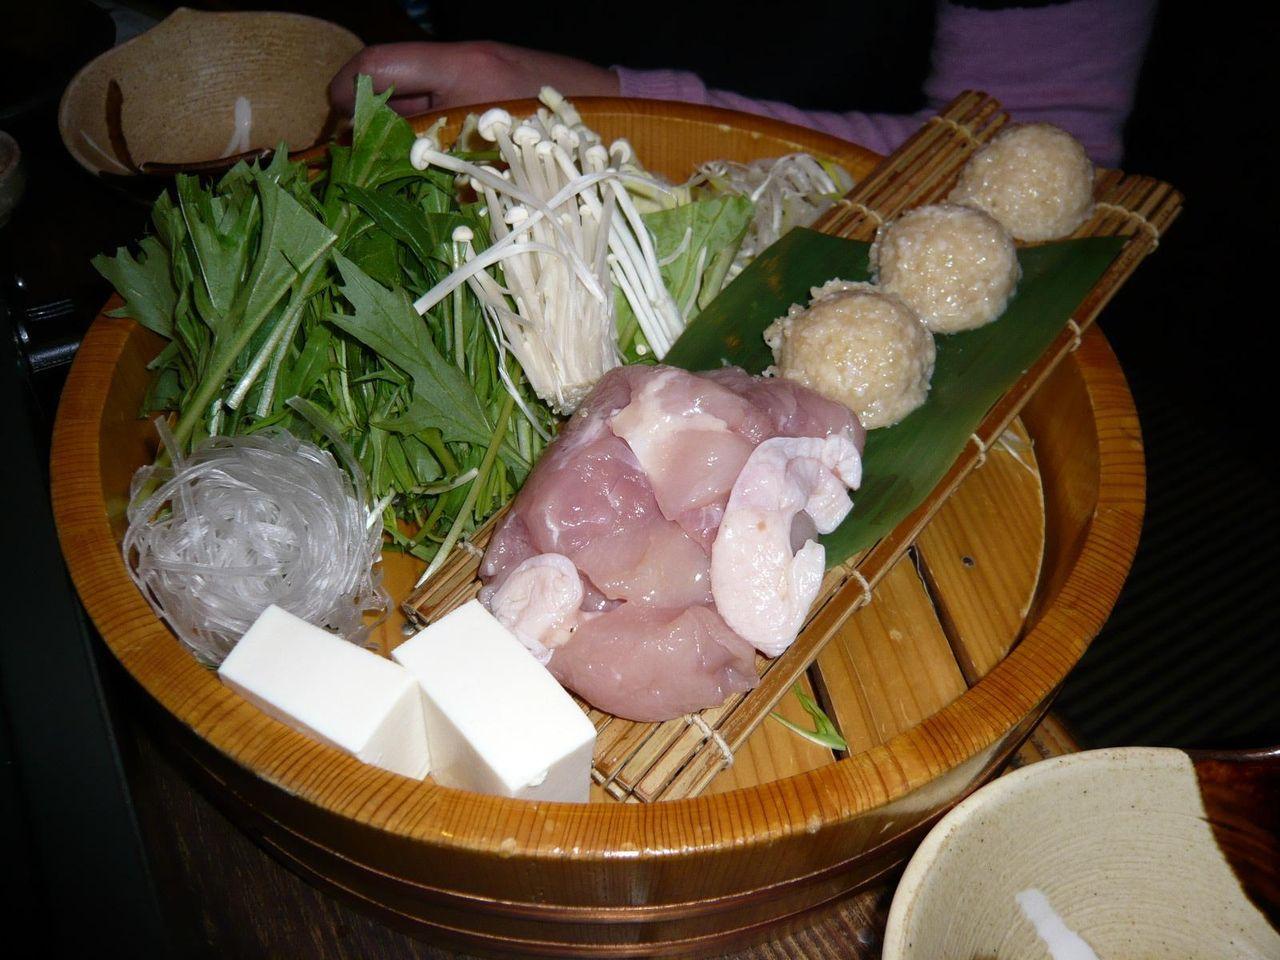 幻の地鶏「天草大王」の水炊き2,500円